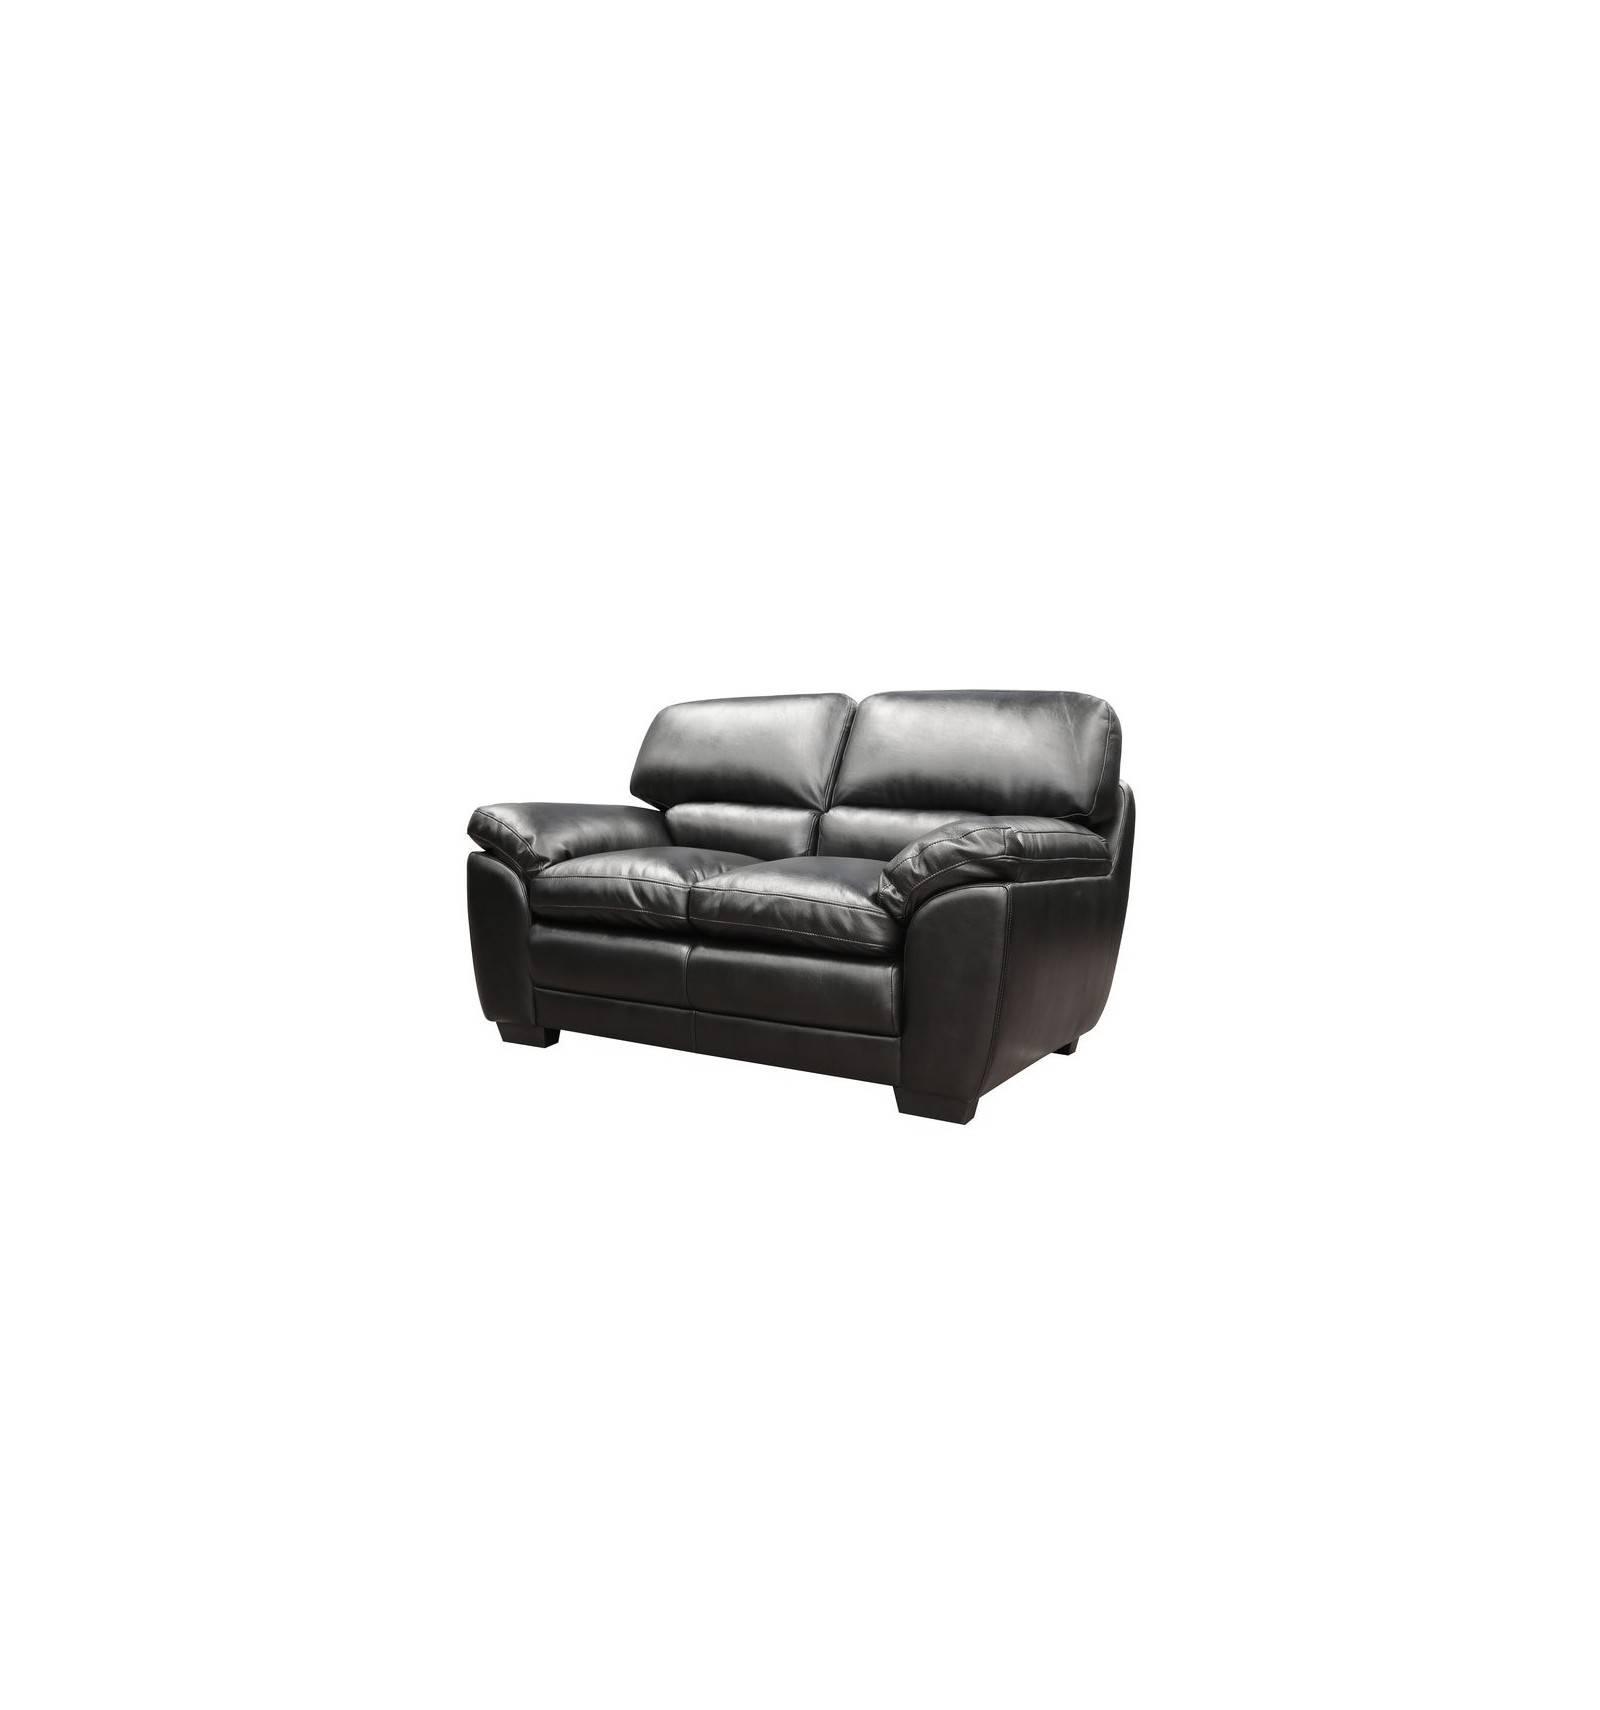 Denmark 3 2 sofa pair